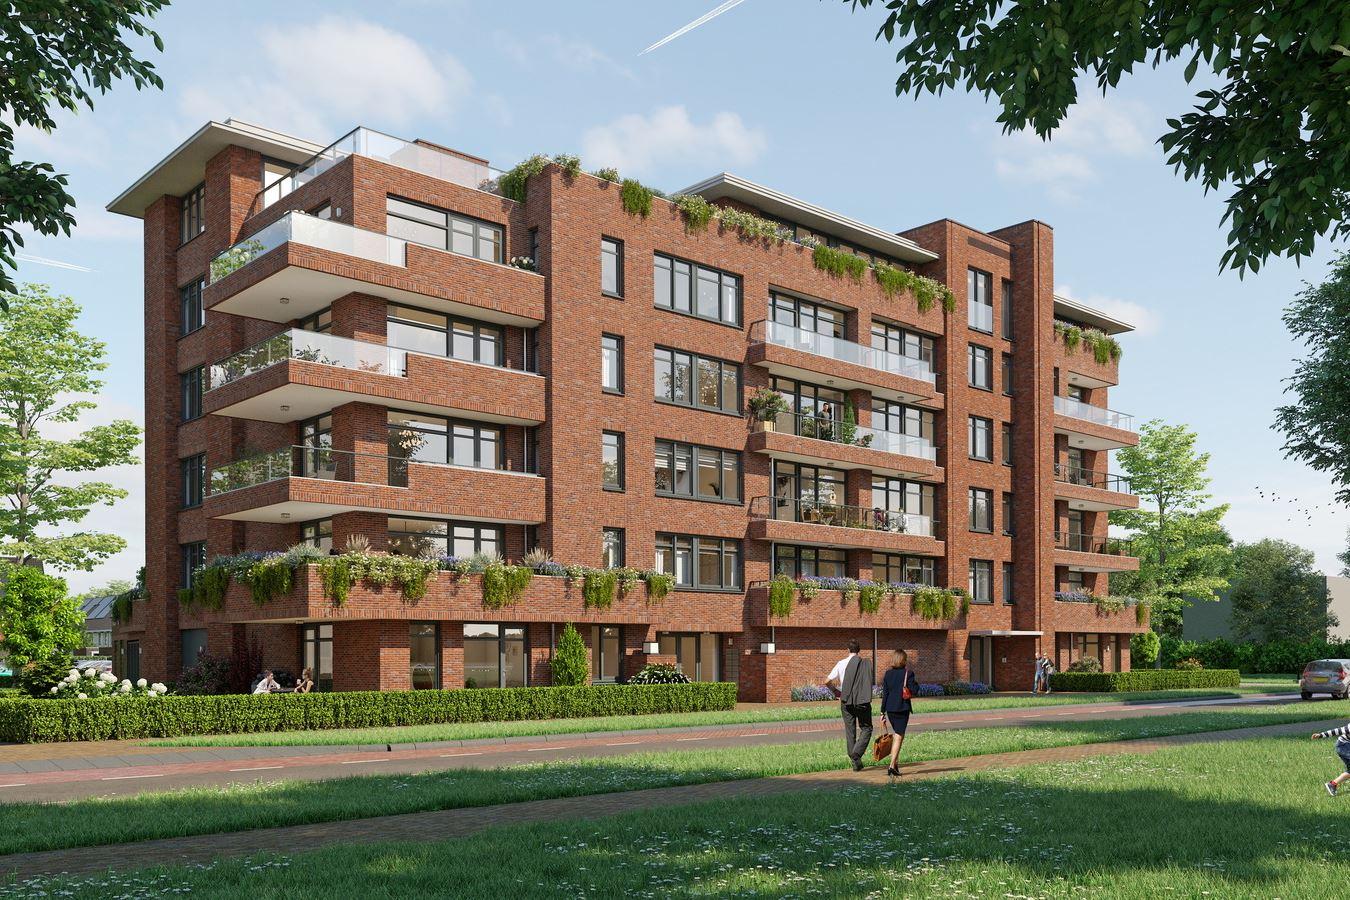 Bekijk foto 1 van Quatrebras Park Quartier II - appartementen (Bouwnr. 23)